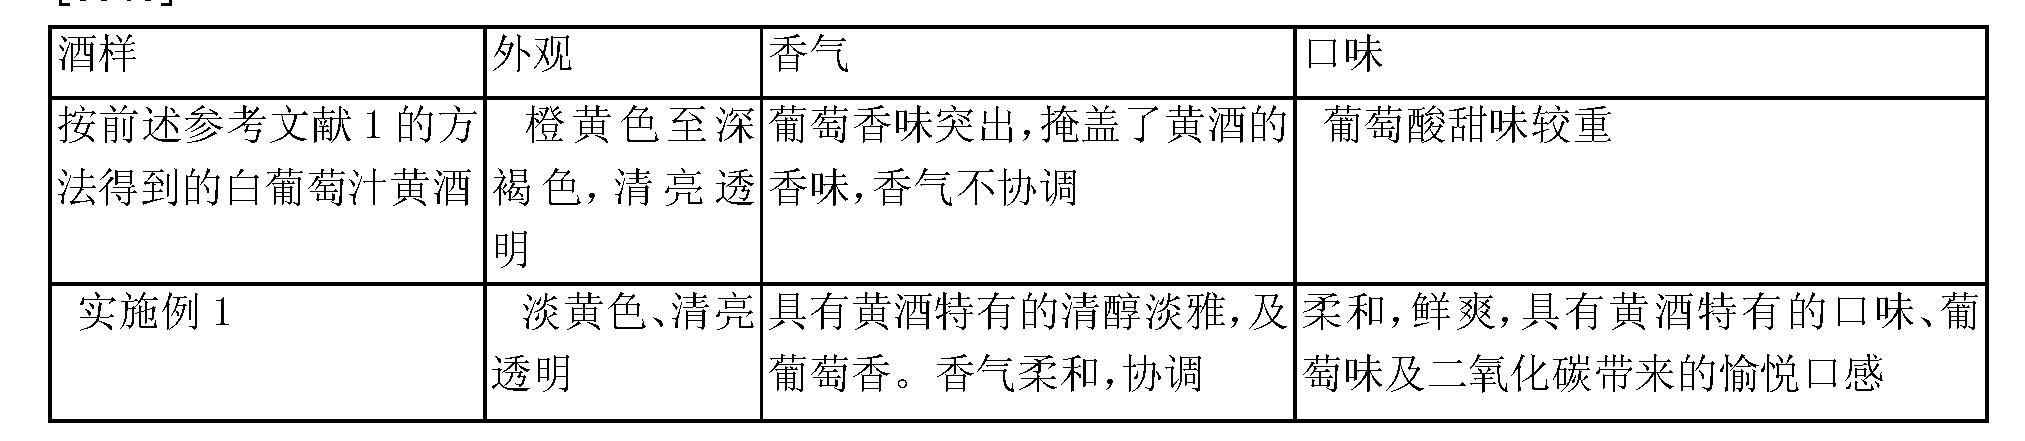 Figure CN102041215BD00052